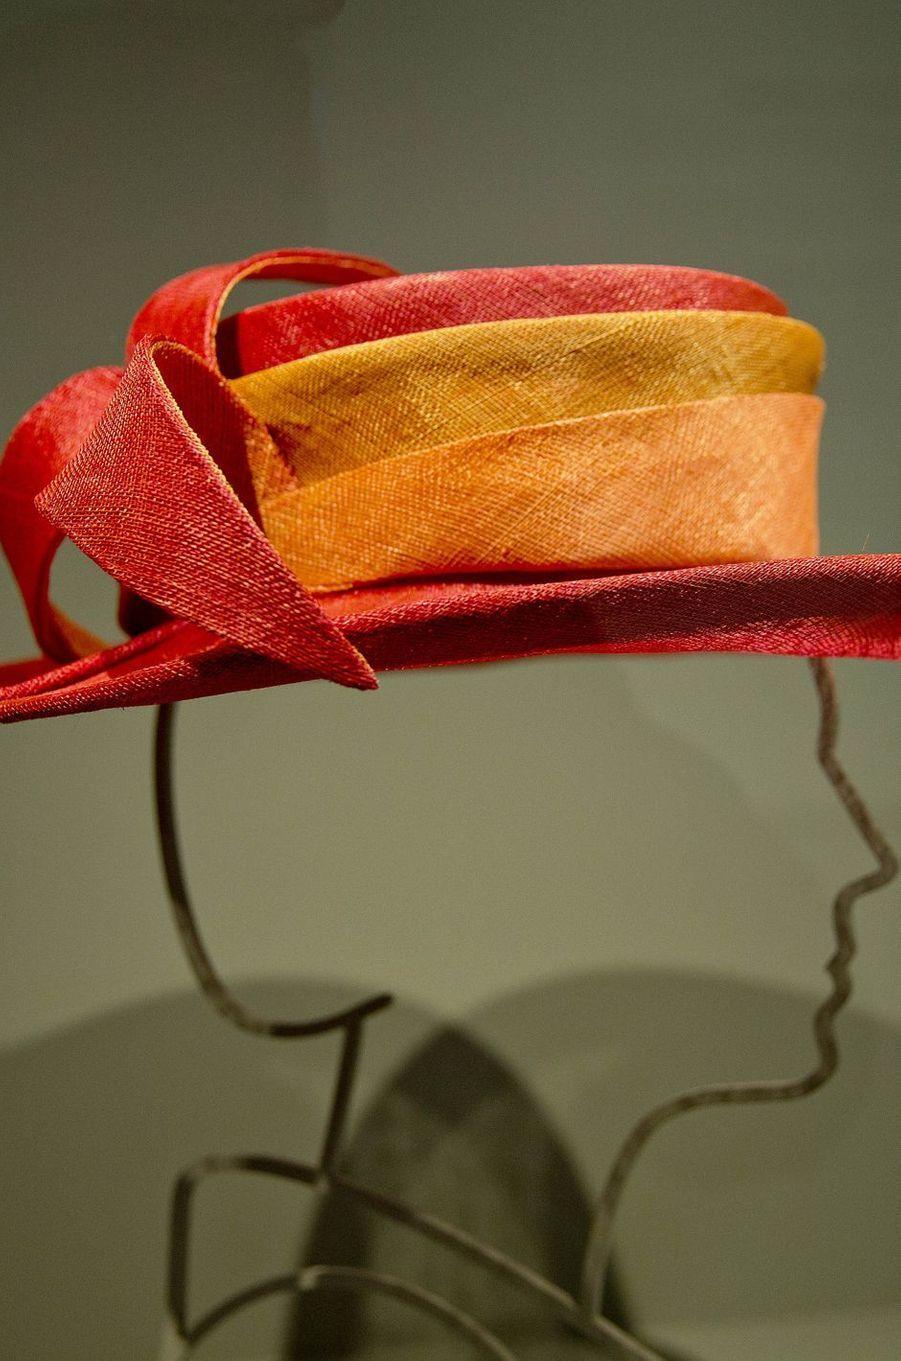 Exposition des chapeaux de la reine Beatrix des Pays-Bas au Paleis Het Loo, à Apeldoorn, le 22 mars 2017